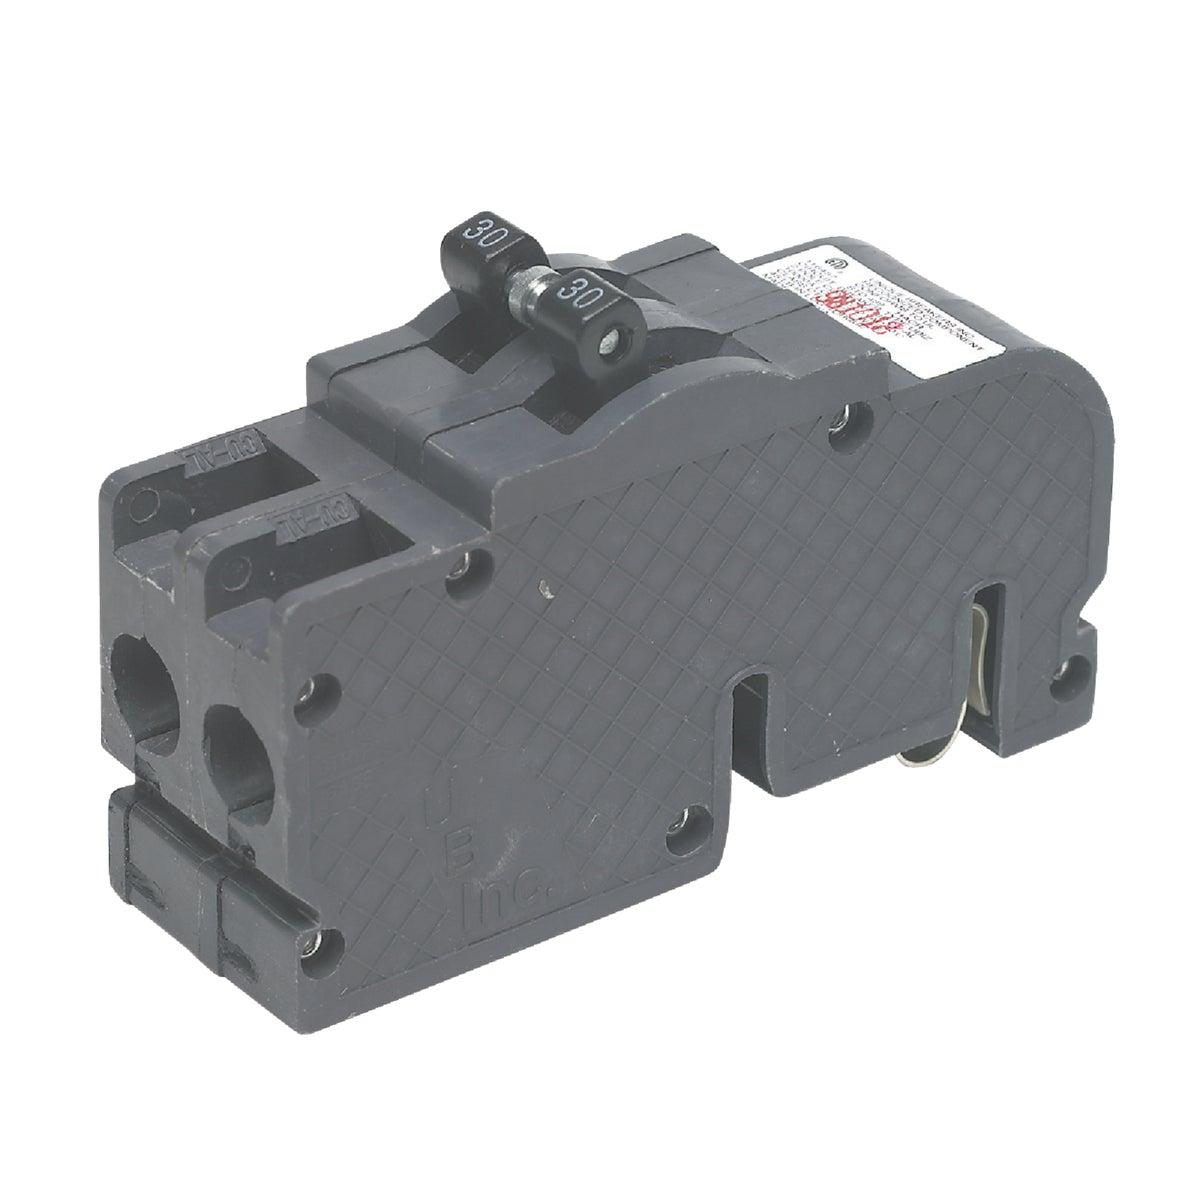 30A 2P CIRCUIT BREAKER - UBIZ230 by Connecticut Electric